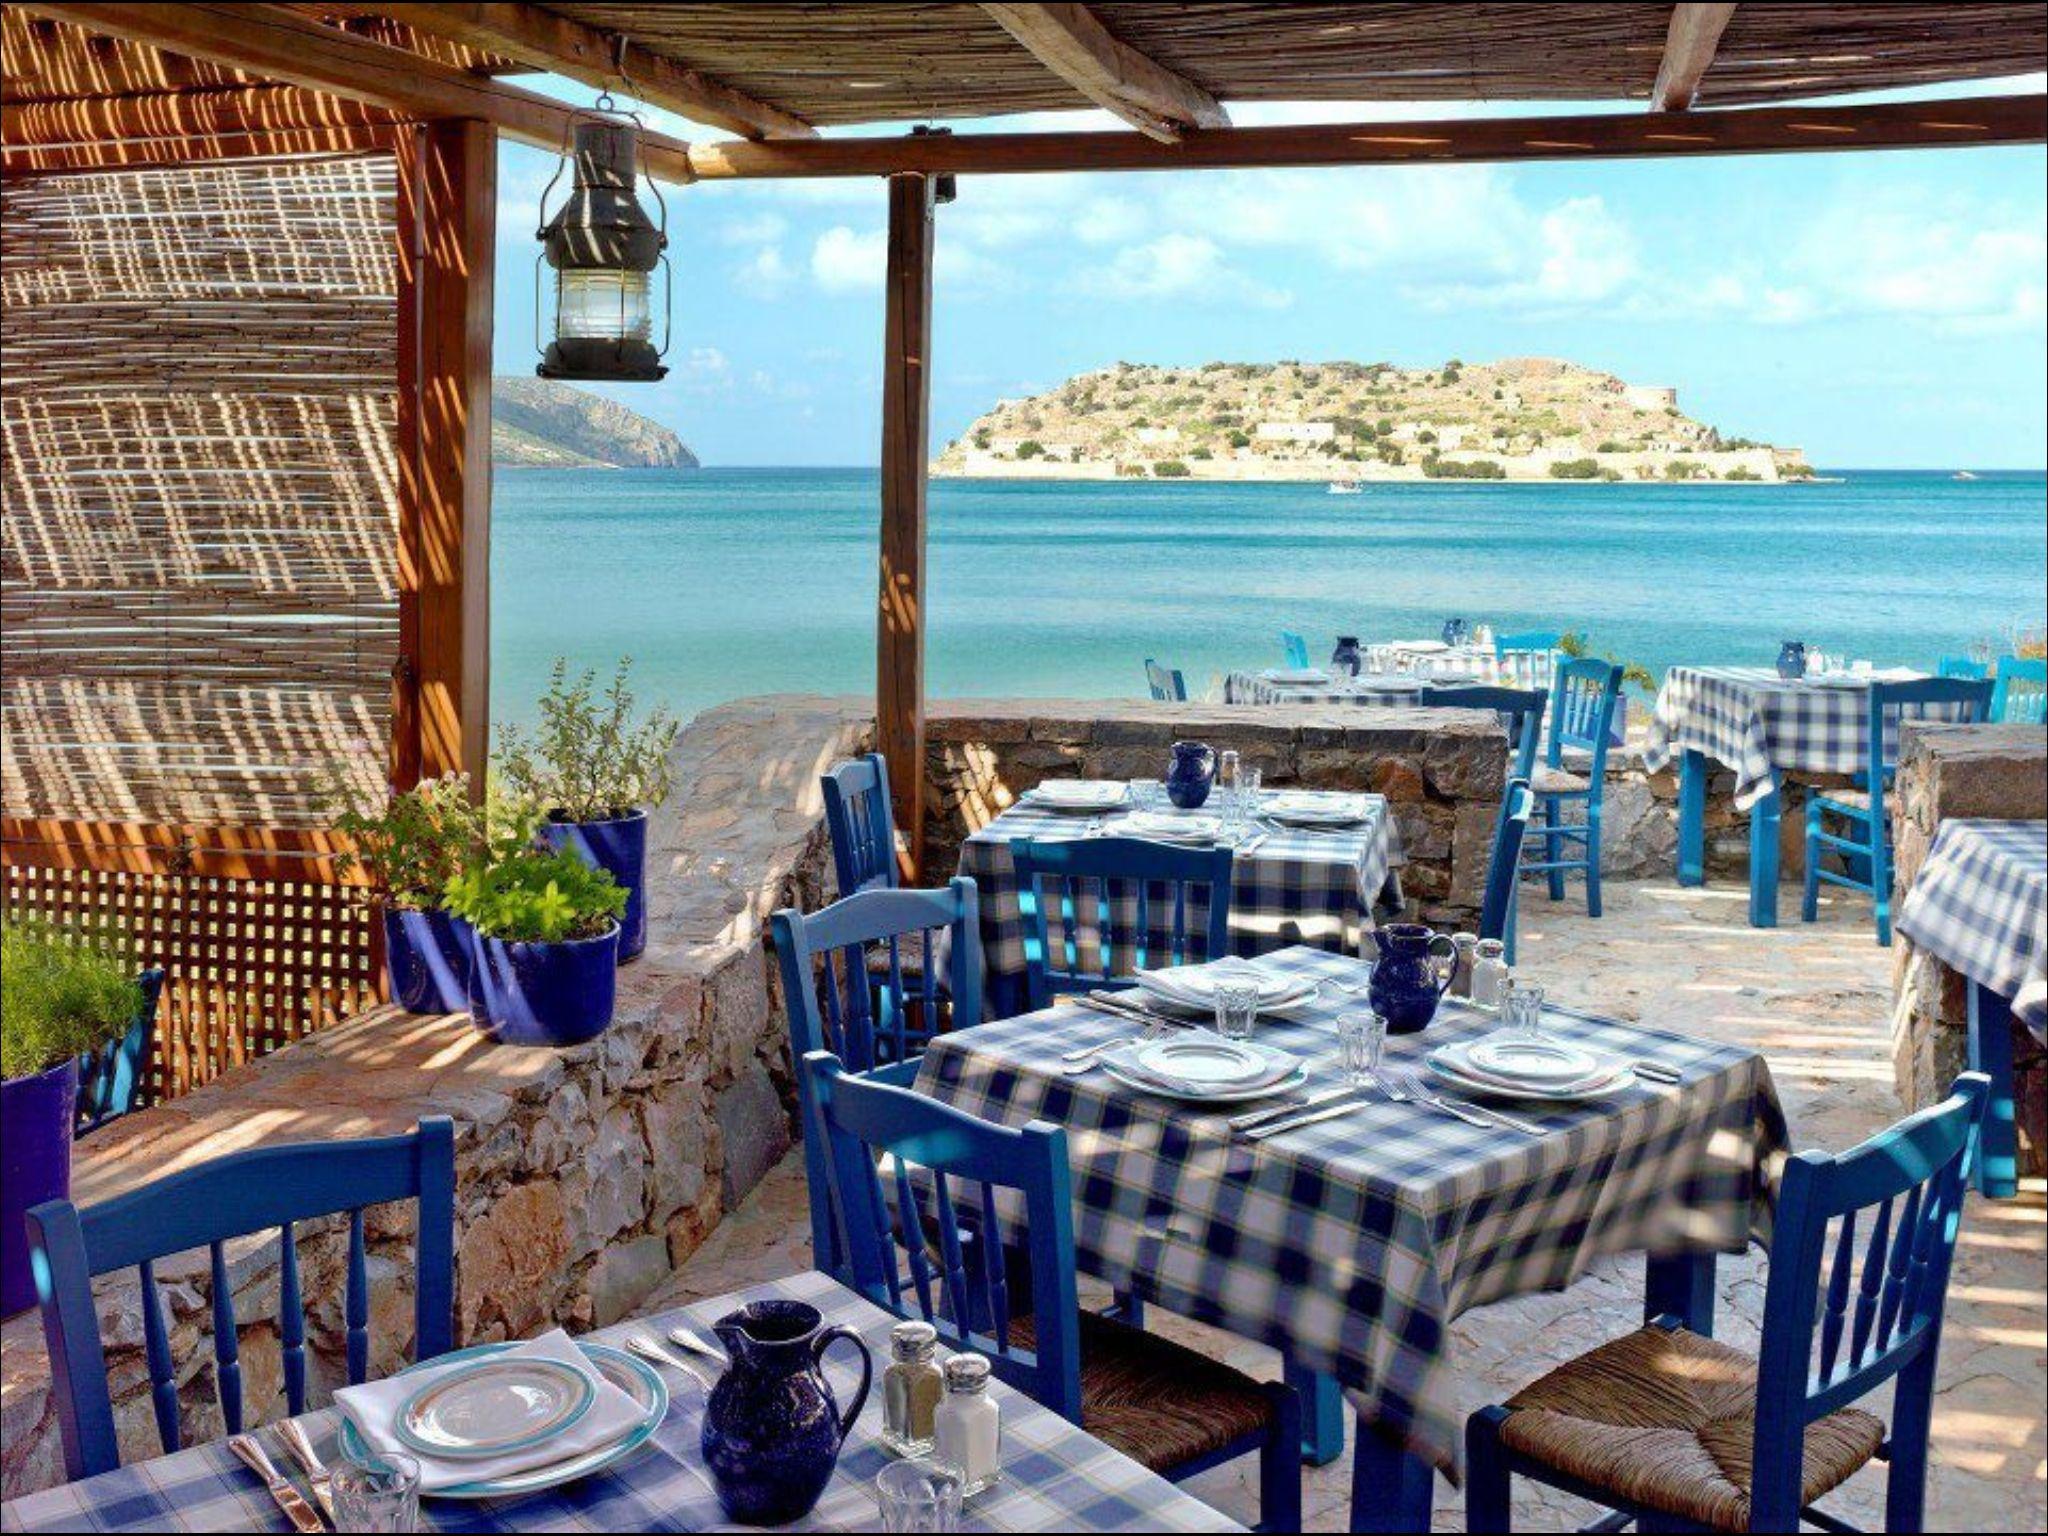 481 best greek taverns, bars, cafes, restaurants images on